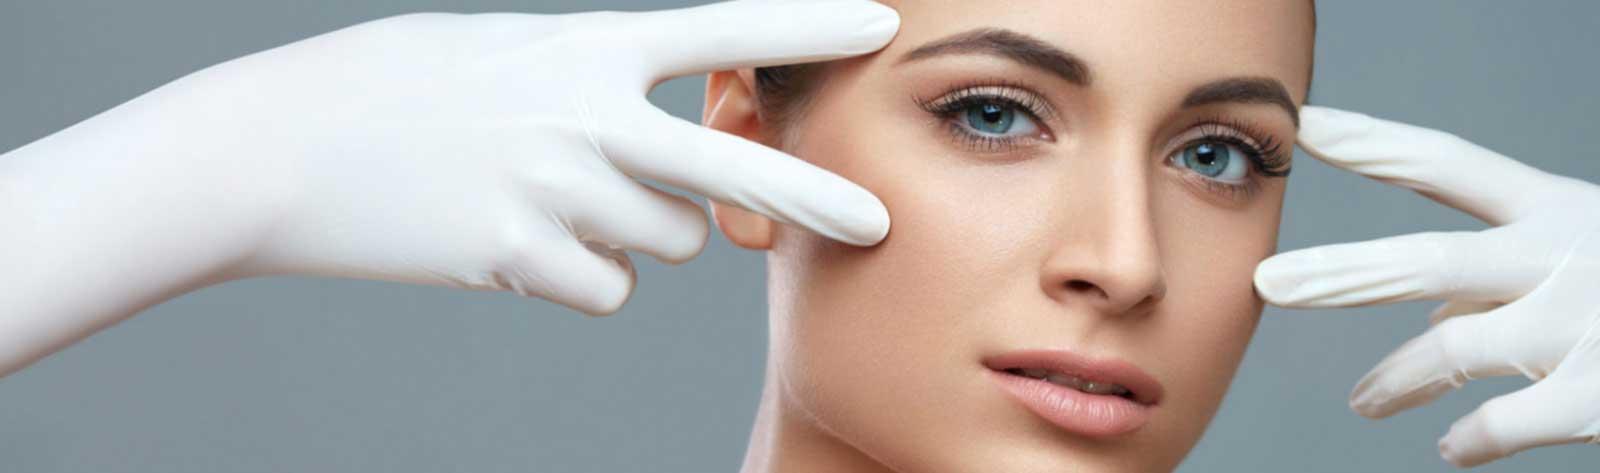 Jak uniknąć infekcji po operacji plastycznej?